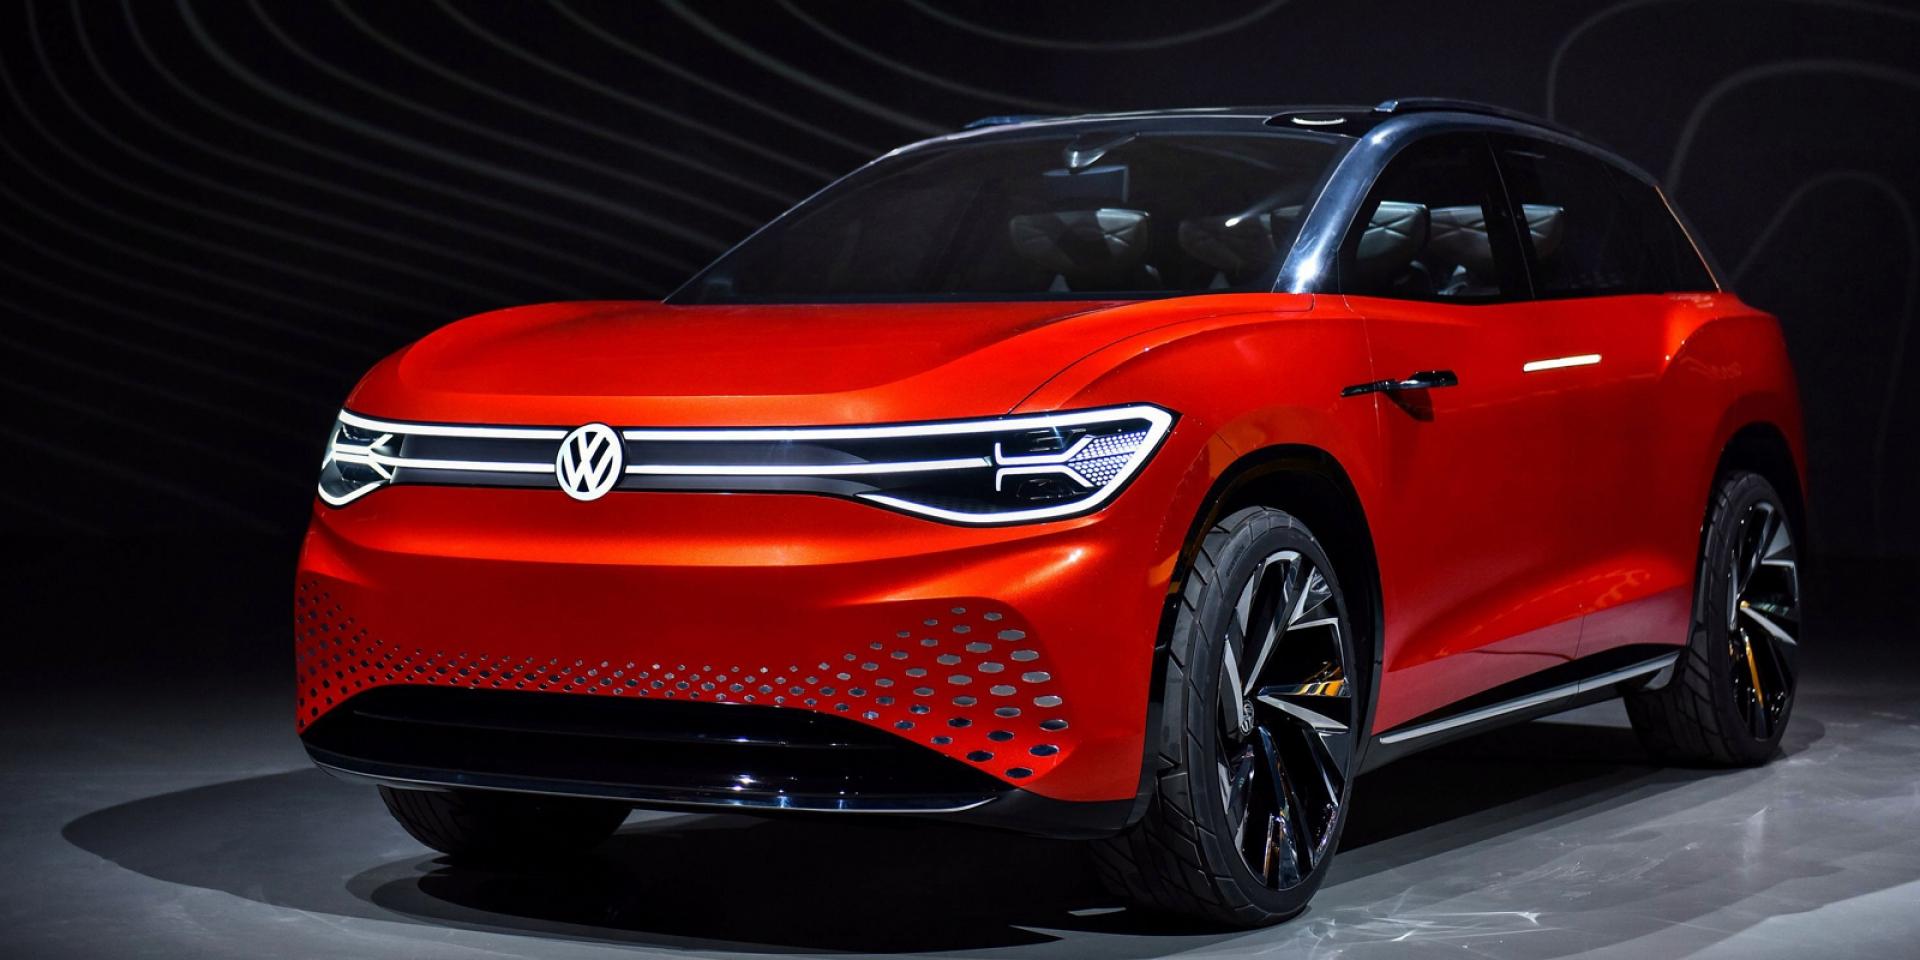 官方新聞稿。Volkswagen上海車展 全球首發ID. ROOMZZ概念車